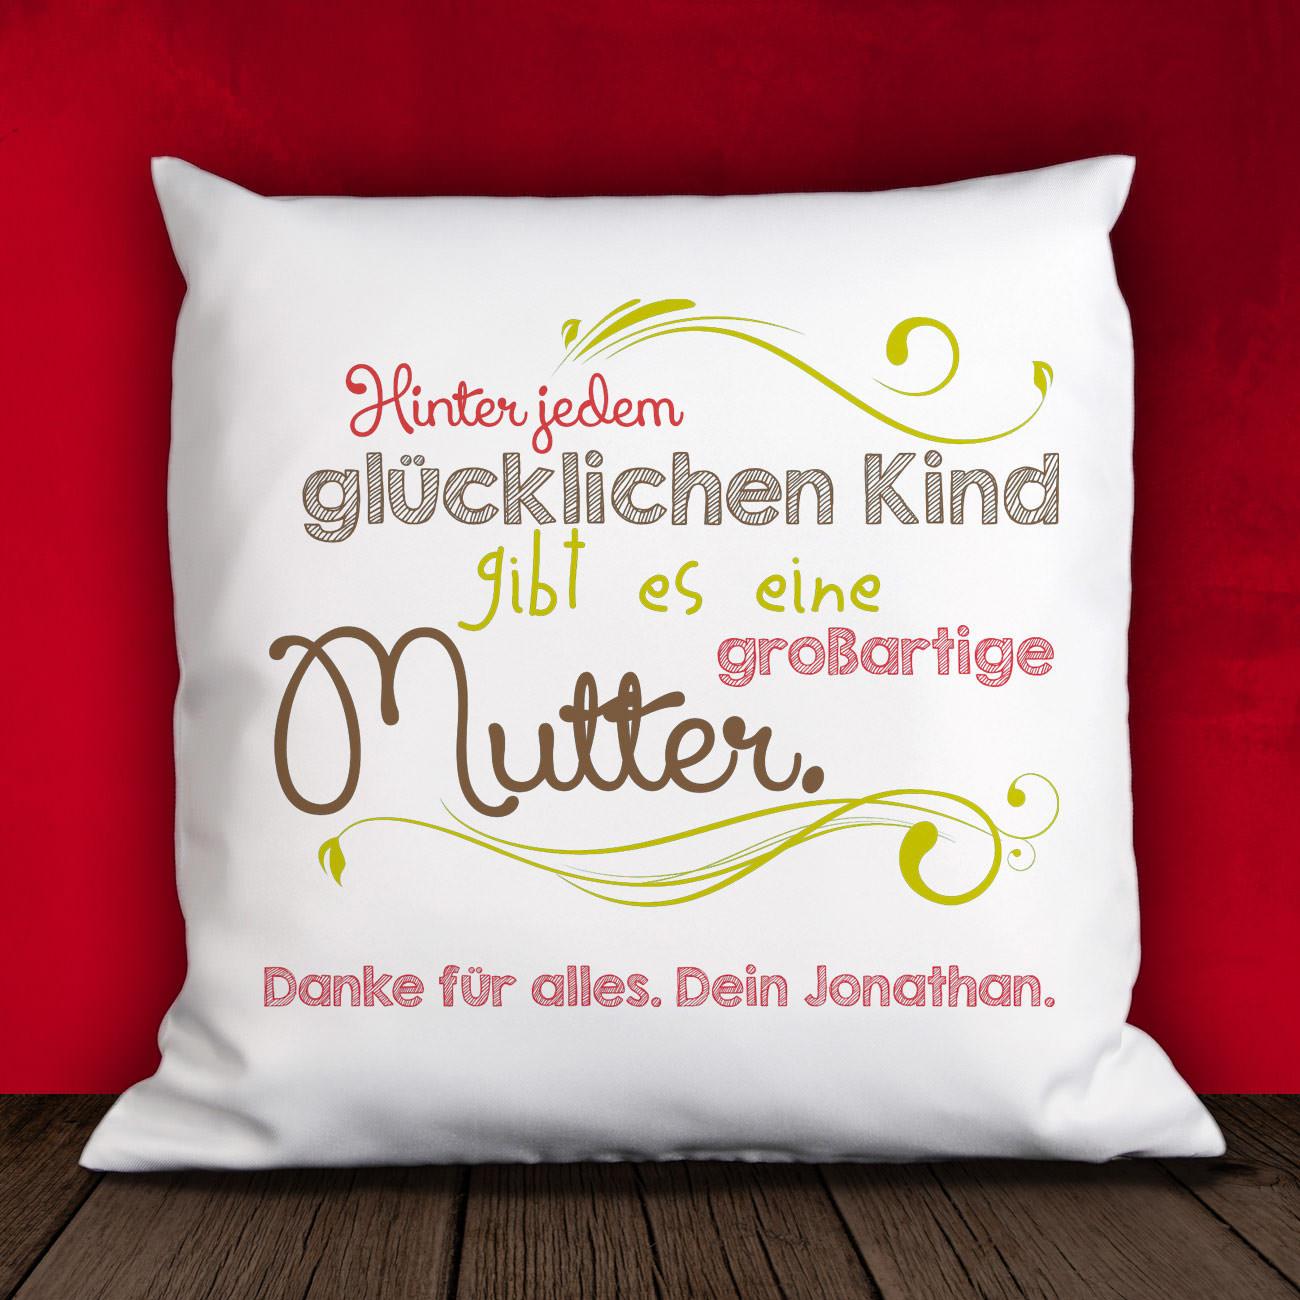 Geschenke Online  Kissen zum Muttertag mit persoenlichem Gruss